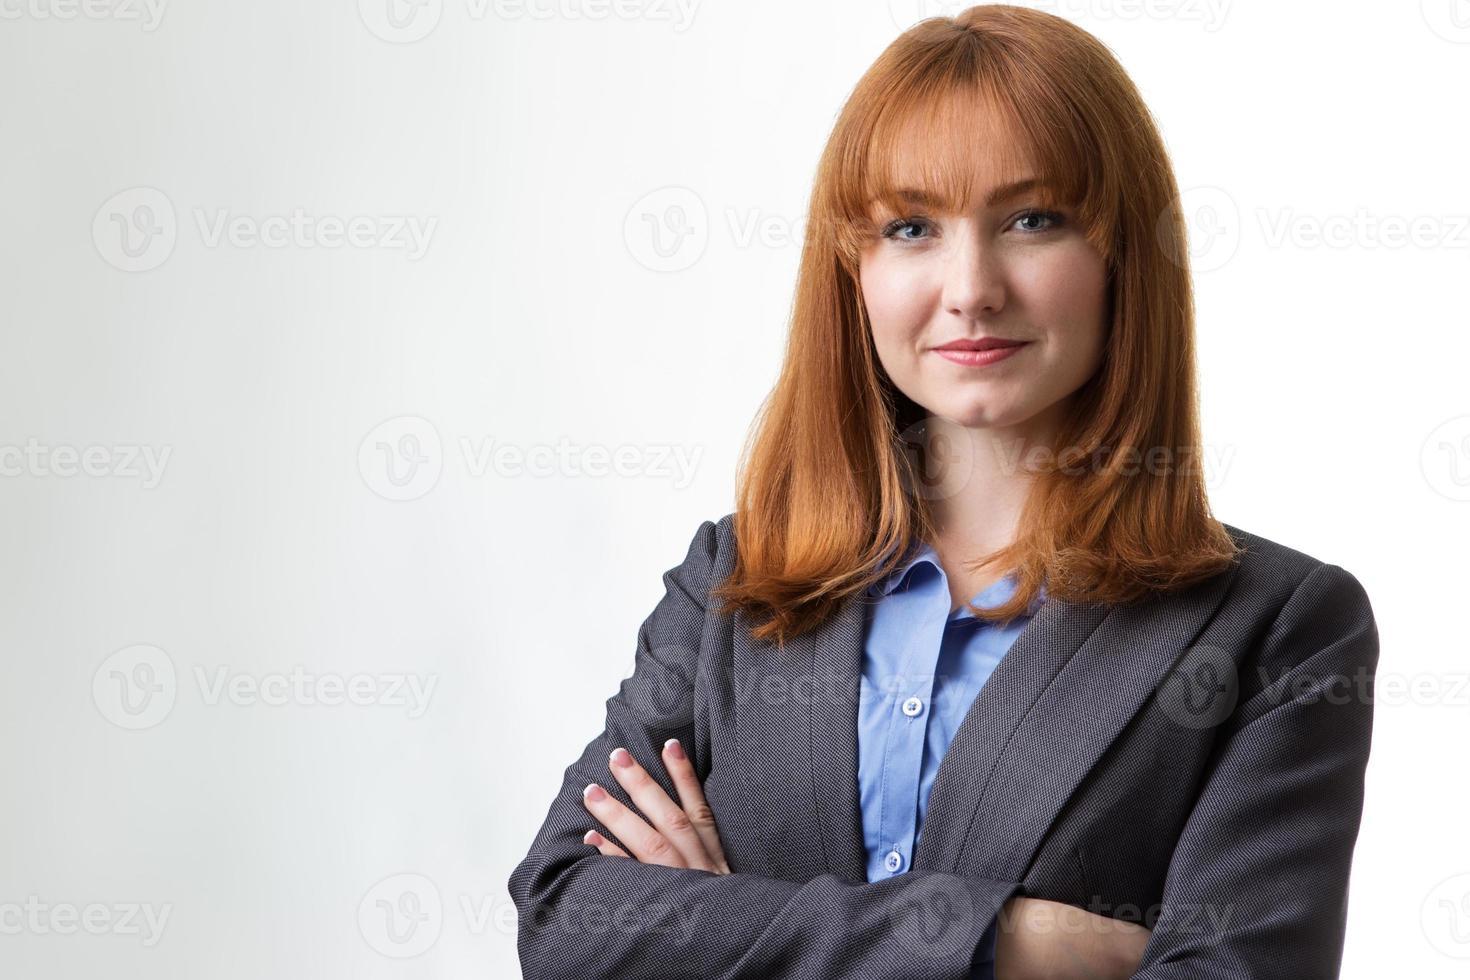 kvinna i affärer foto